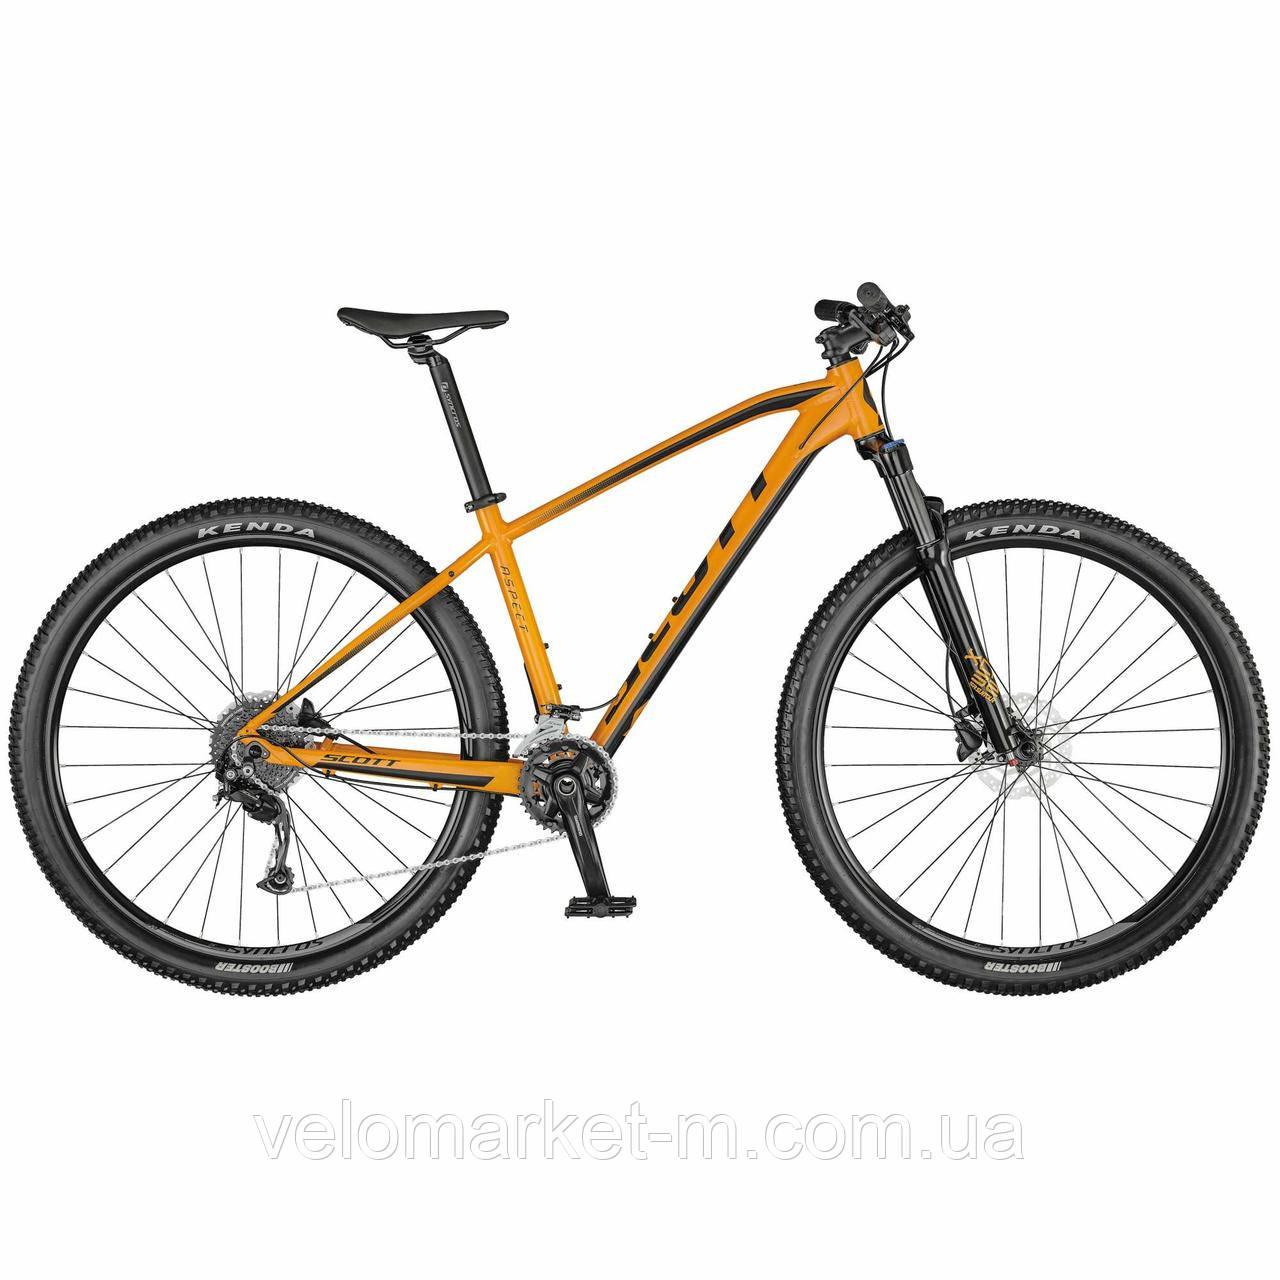 Велосипед Scott Aspect 940 M Orange 2020